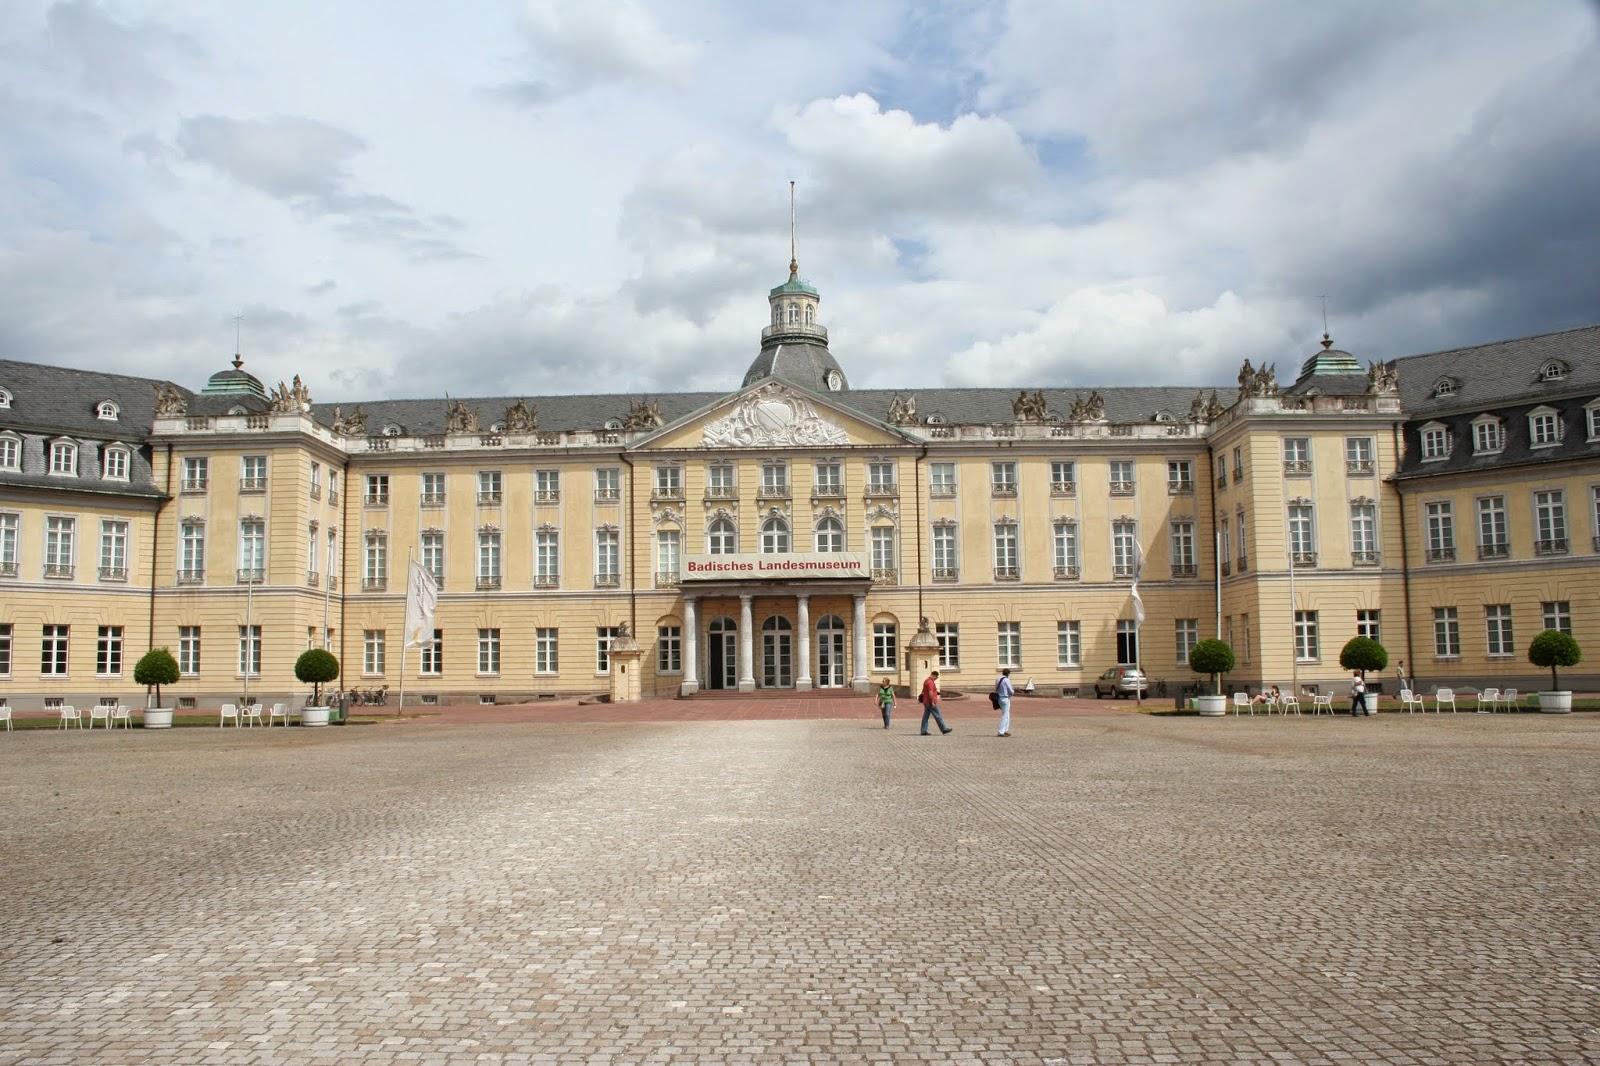 Foto del Palacio de Karlsruhe